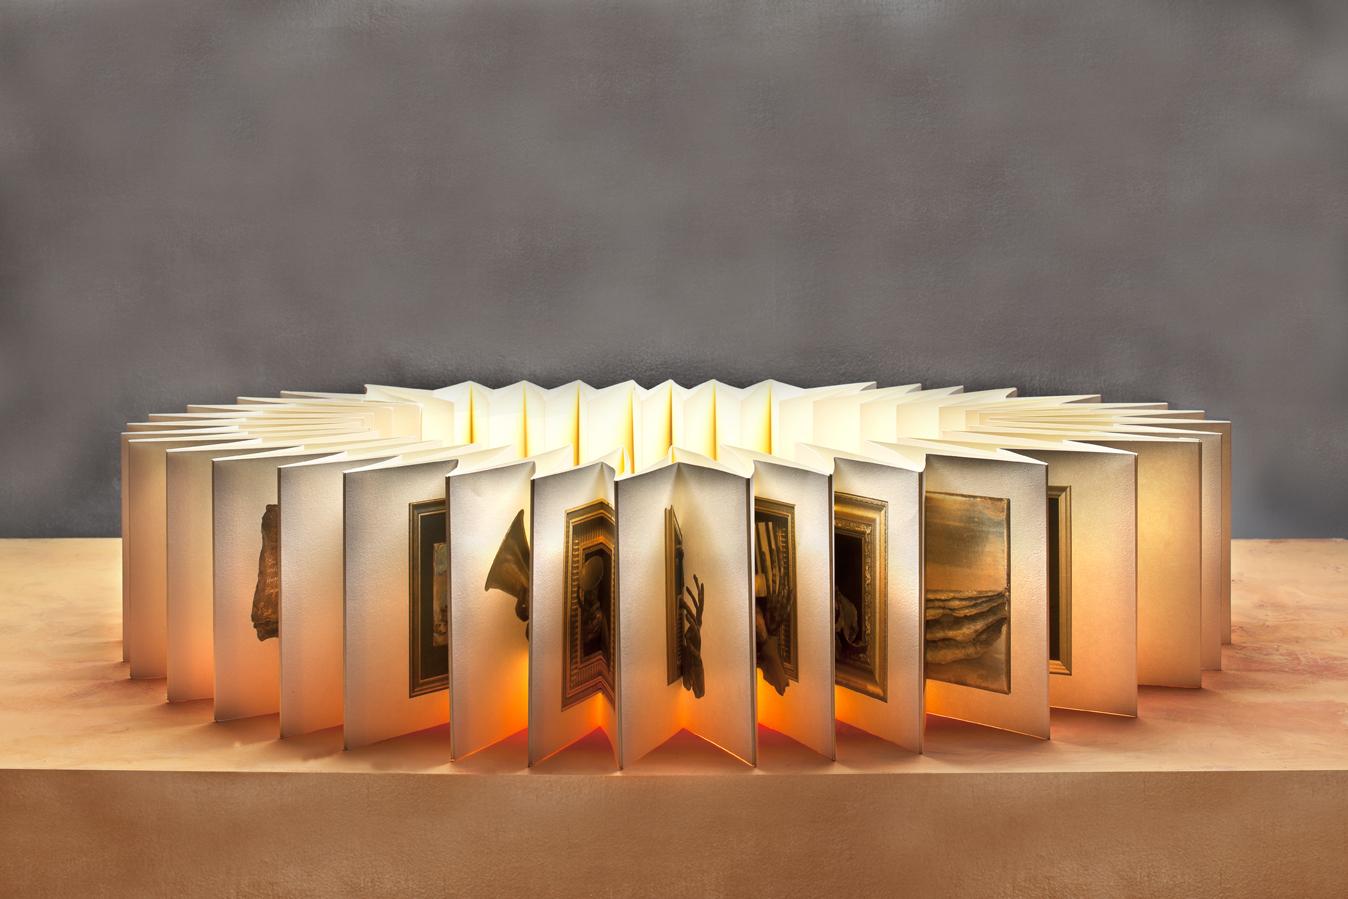 spesso Legatoria | Cartaetecnica | Legatoria Andreotti Gallarate  EU29